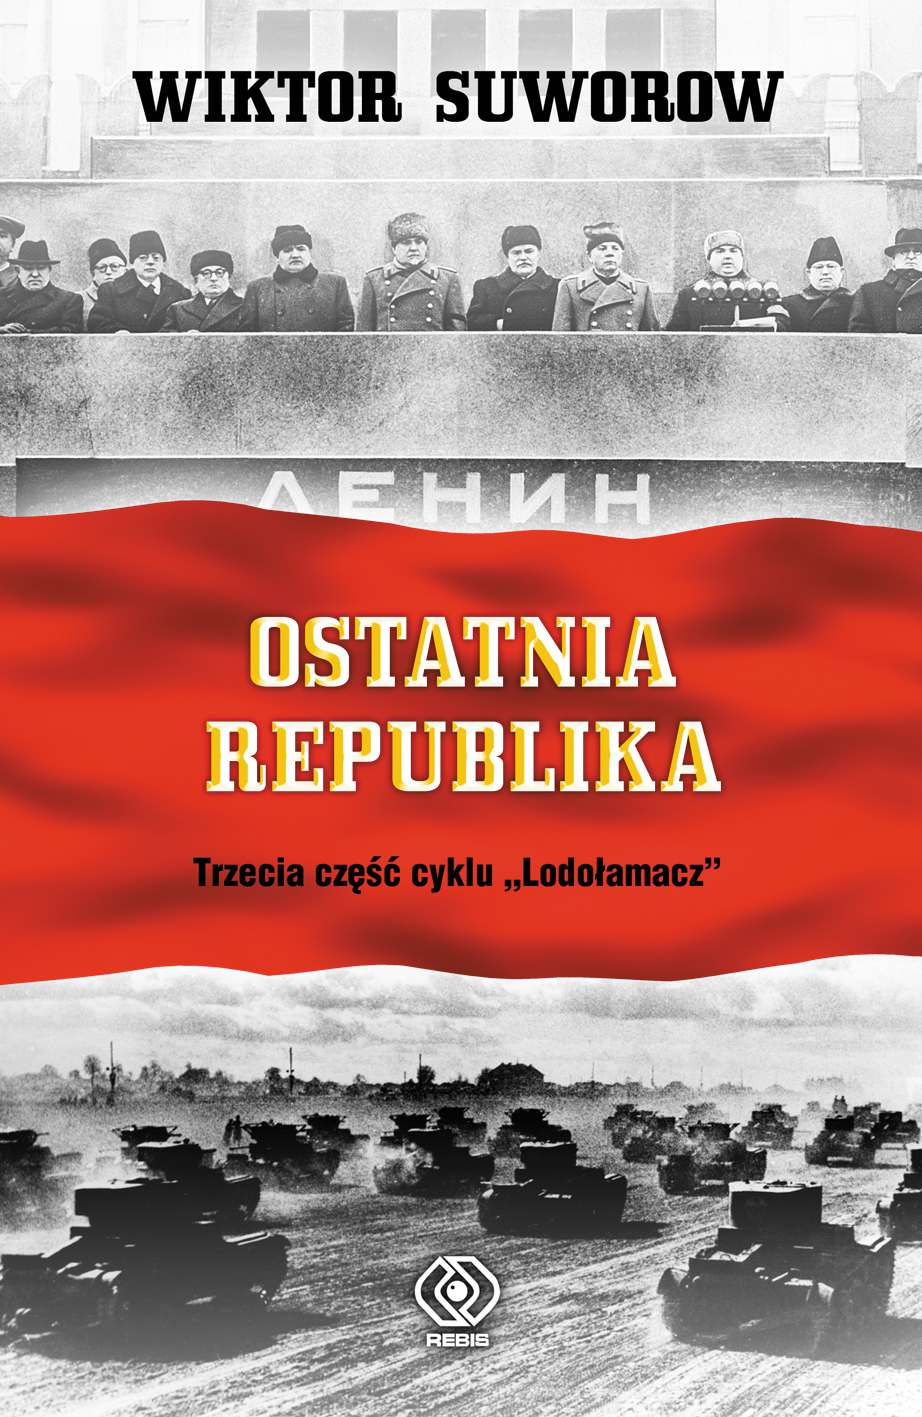 Ostatnia republika - Ebook (Książka EPUB) do pobrania w formacie EPUB